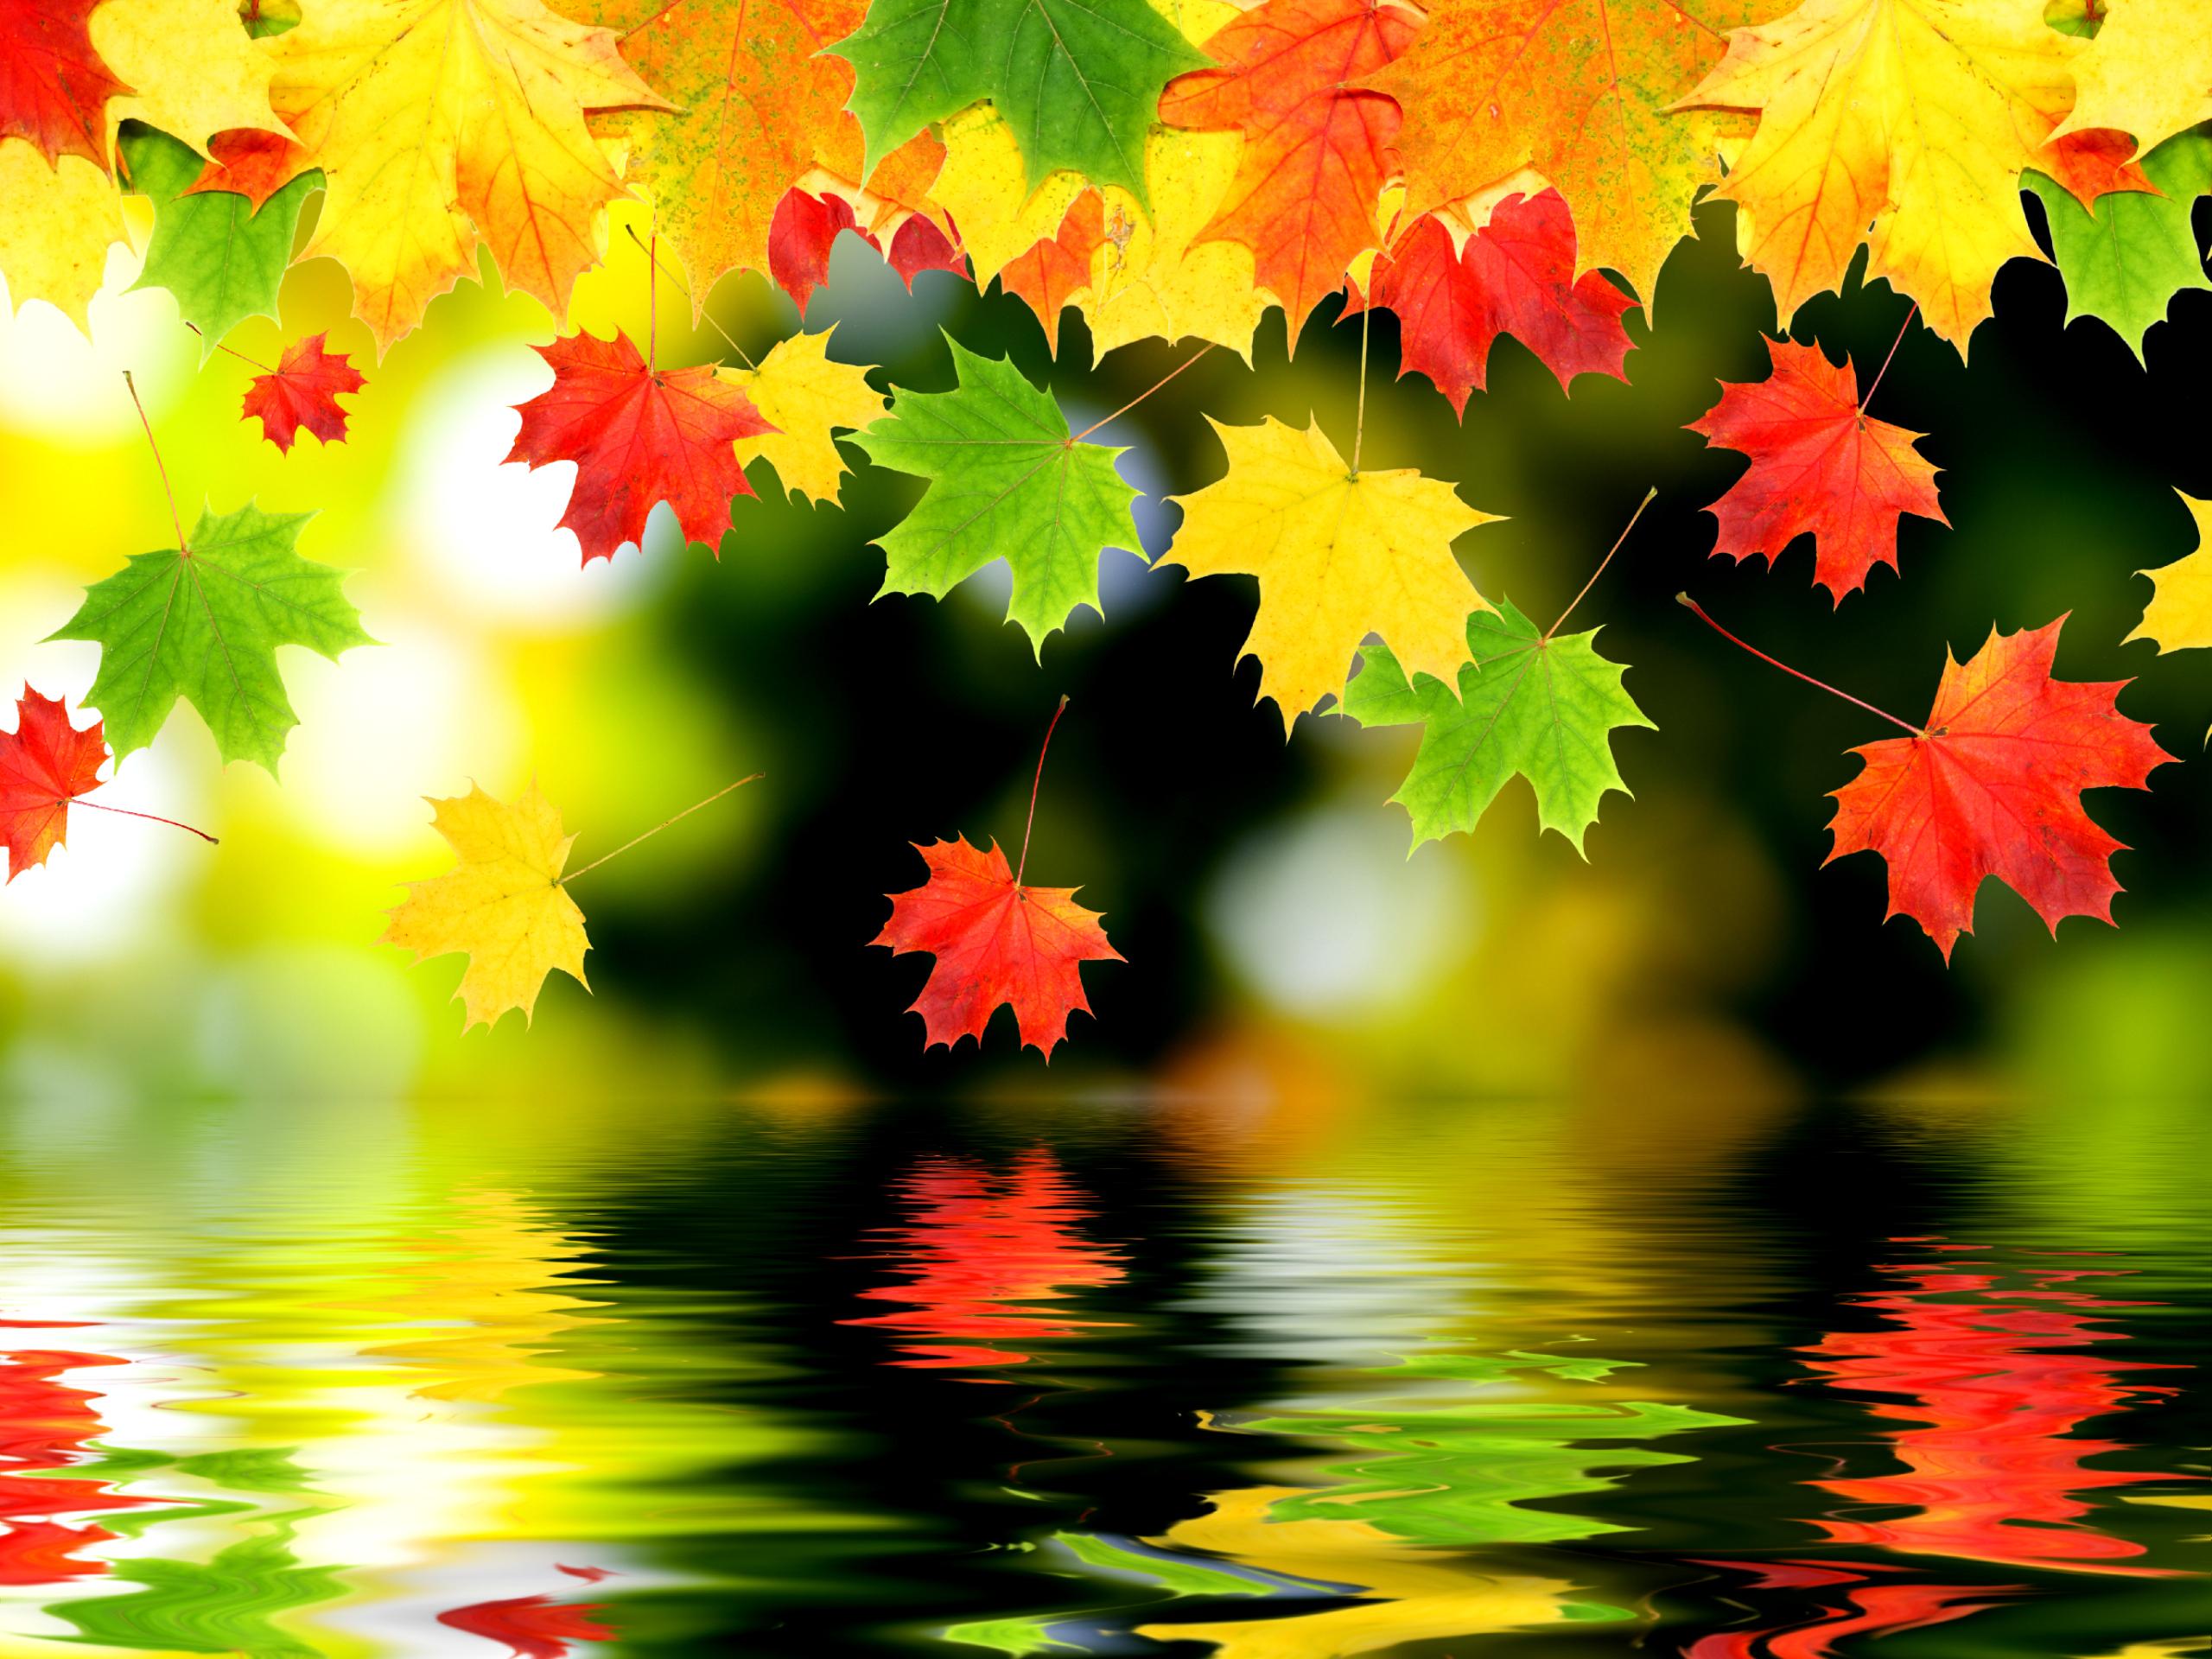 autumn wallpaper water